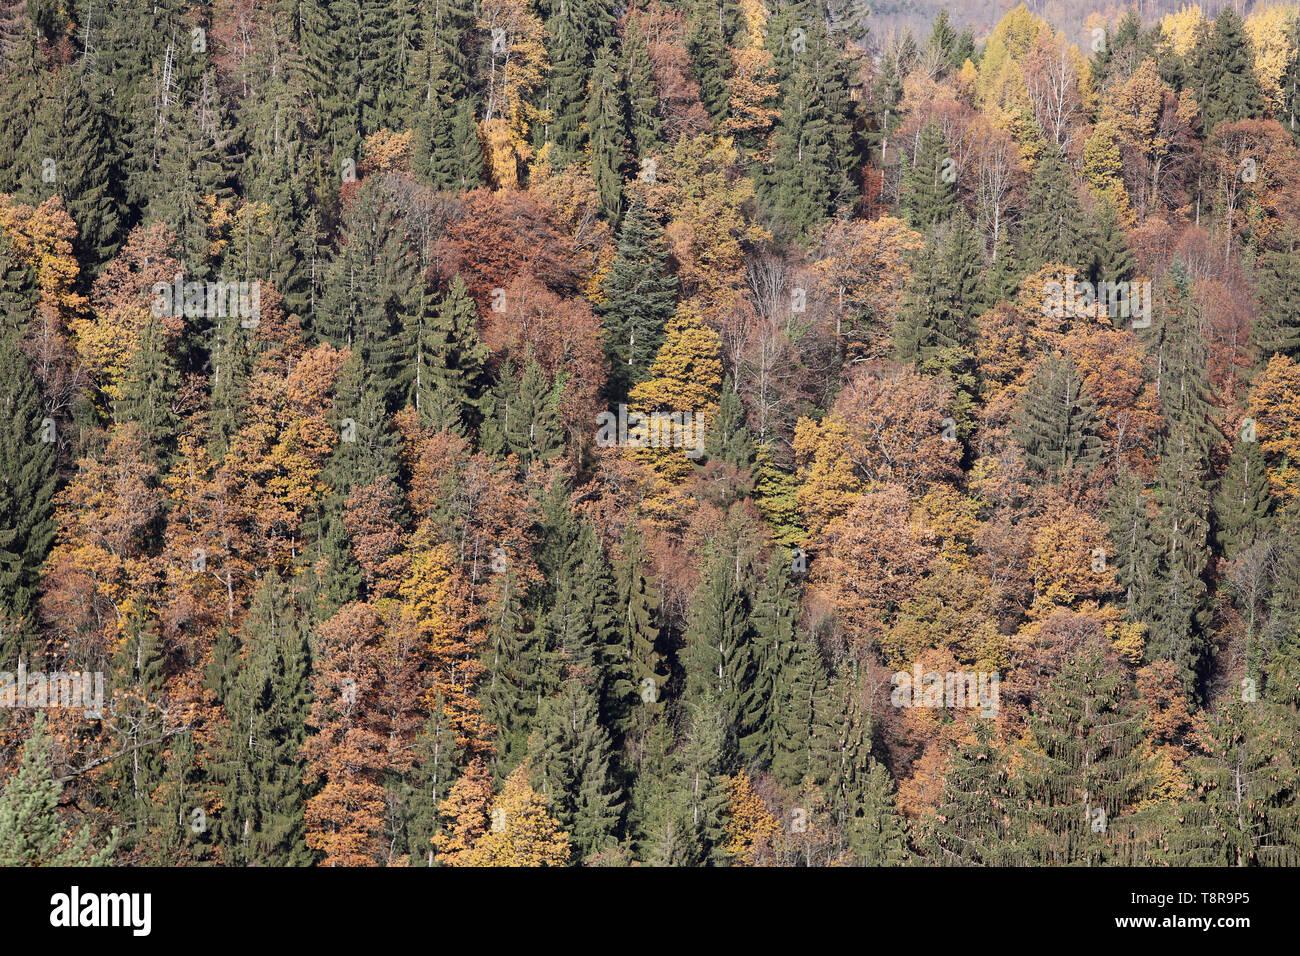 Forêt de conifères en Automne. - Stock Image